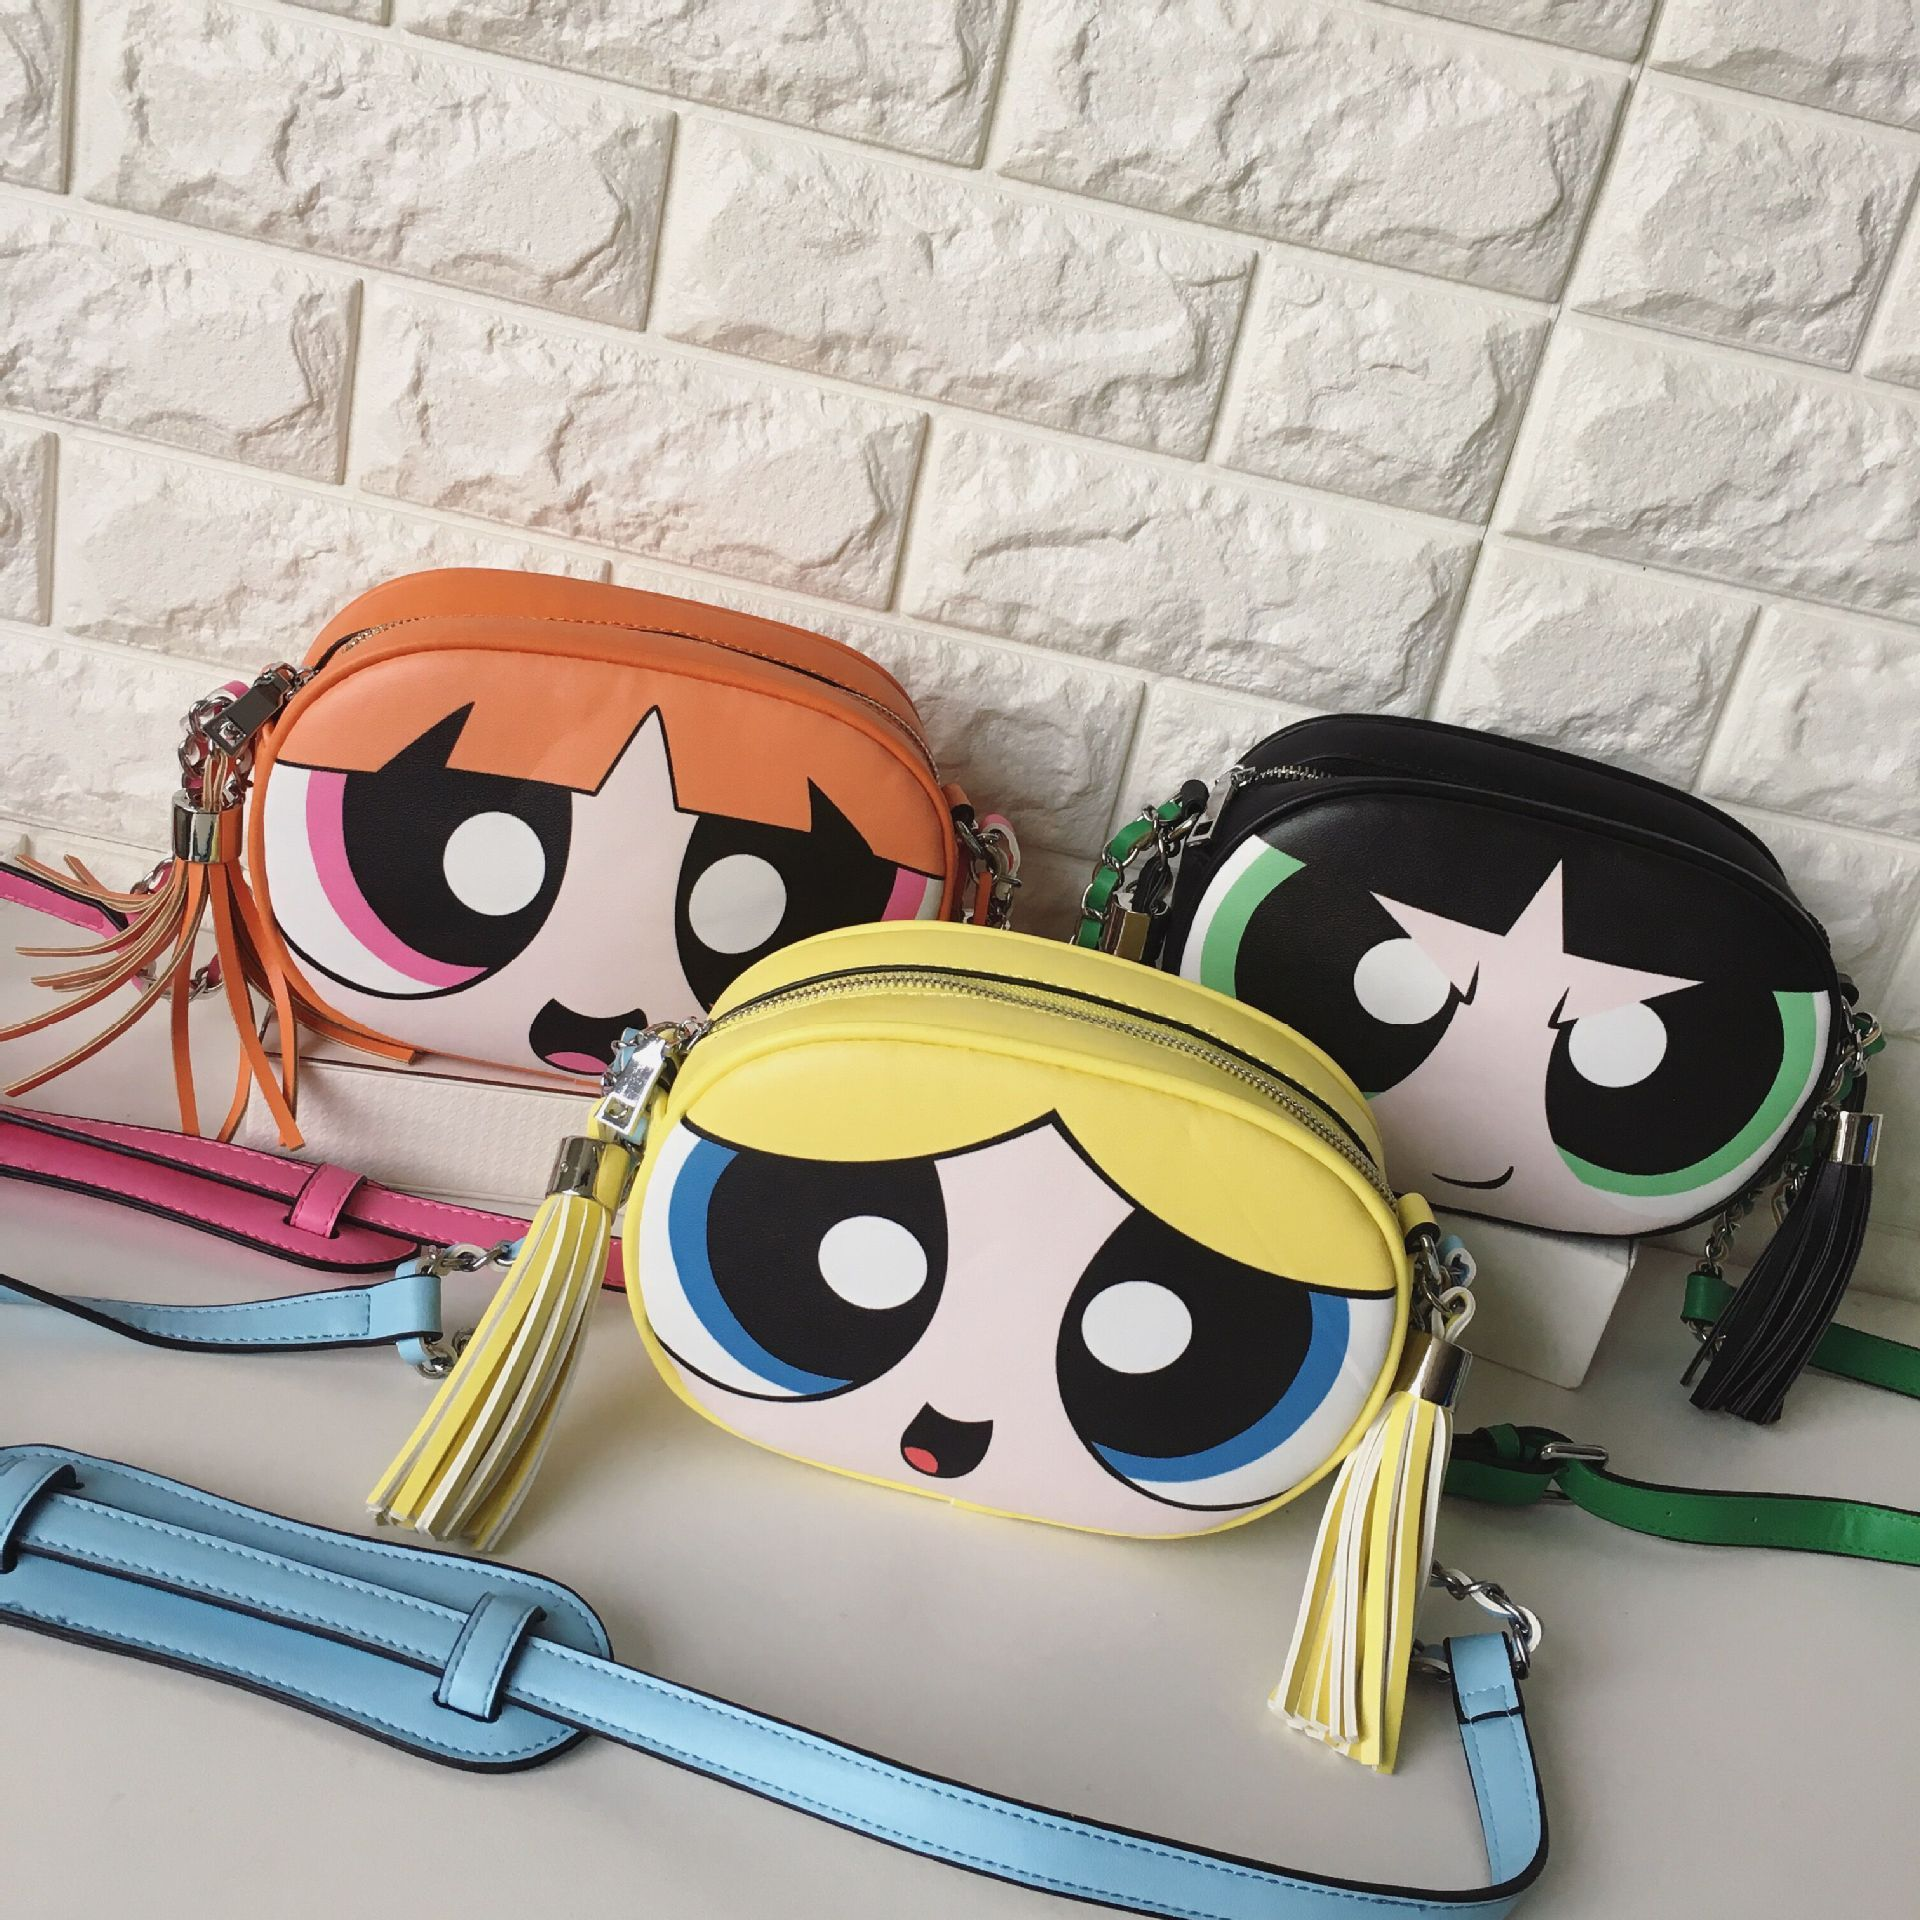 4a254bd1c Bolsa Divertida Meninas Super Poderosas 3 cores em 2019 | Fun/Unique ...